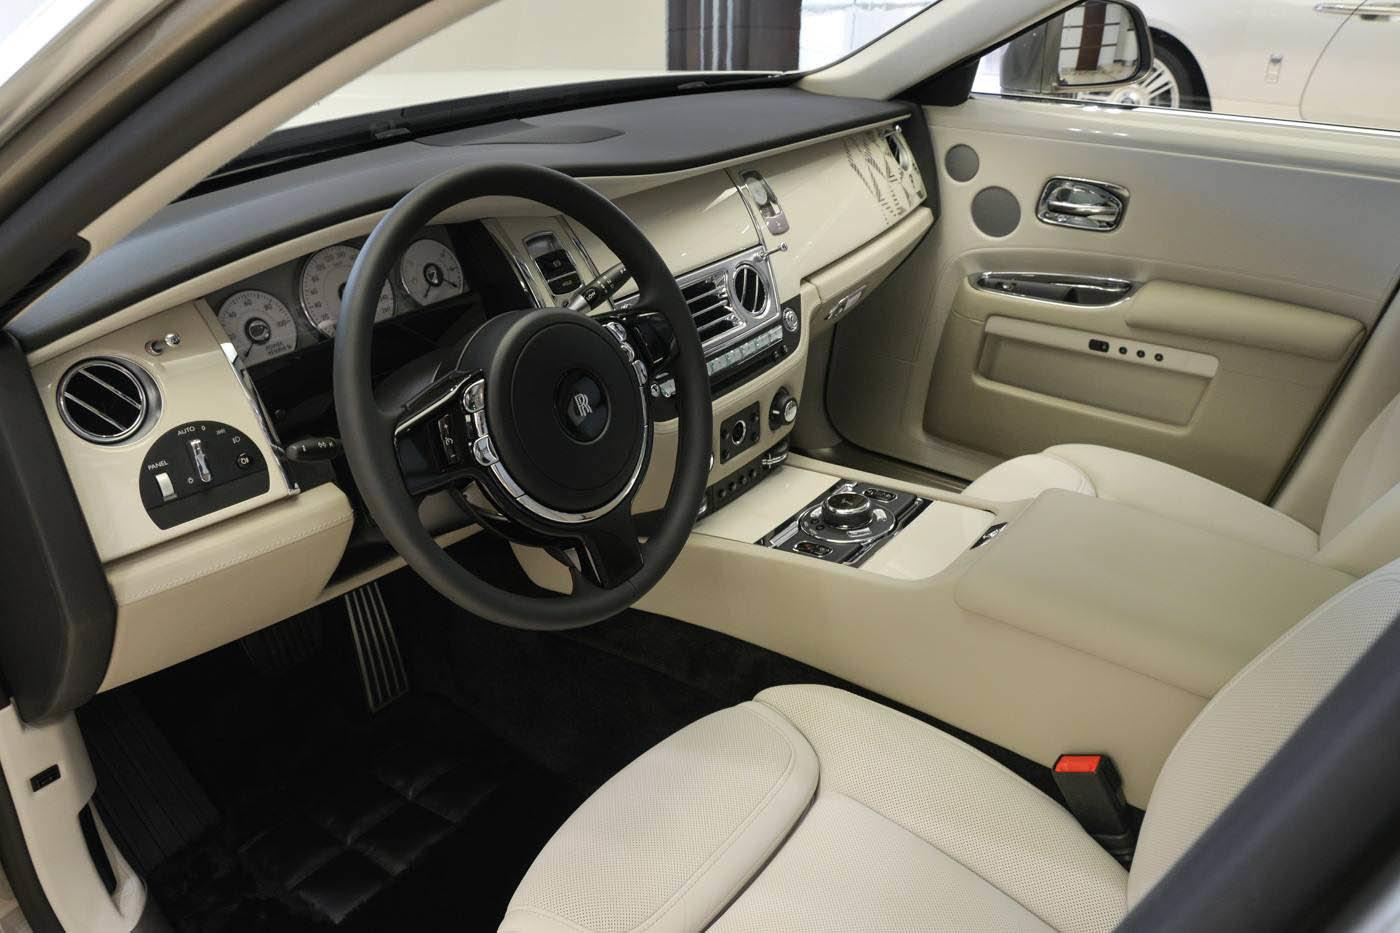 Jedinečný Rolls-Royce Ghost dostal výzdobu inspirovanou islámským uměním a architekturou